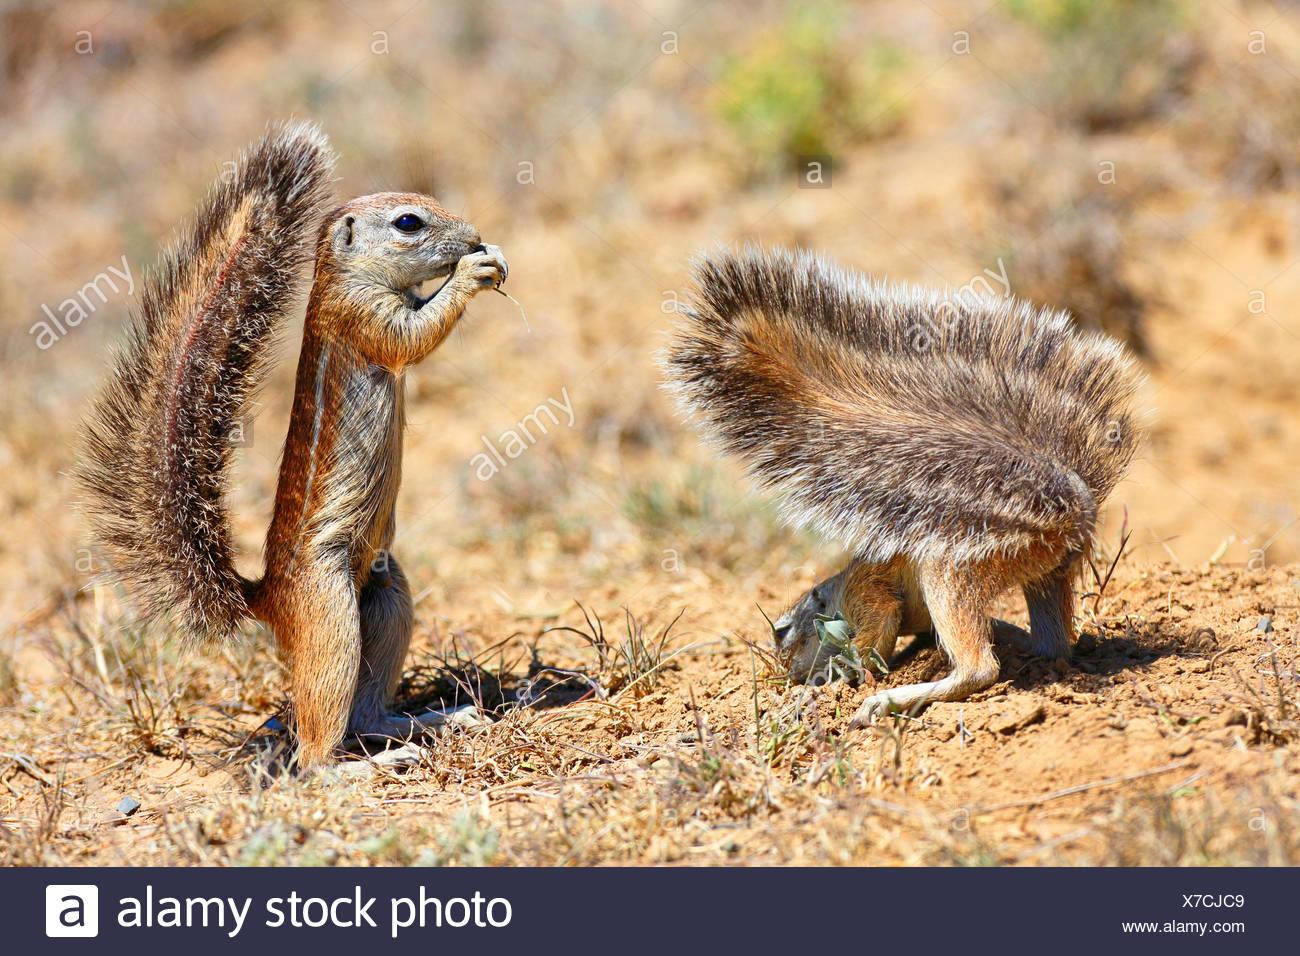 Suedafrikanisches Erdhoernchen, Kap-Erdhoernchen, Kaperdhoernchen, Kap-Borstenhoernchen, Kapborstenhoernchen, Rotes Borstenhoerc - Stock Image